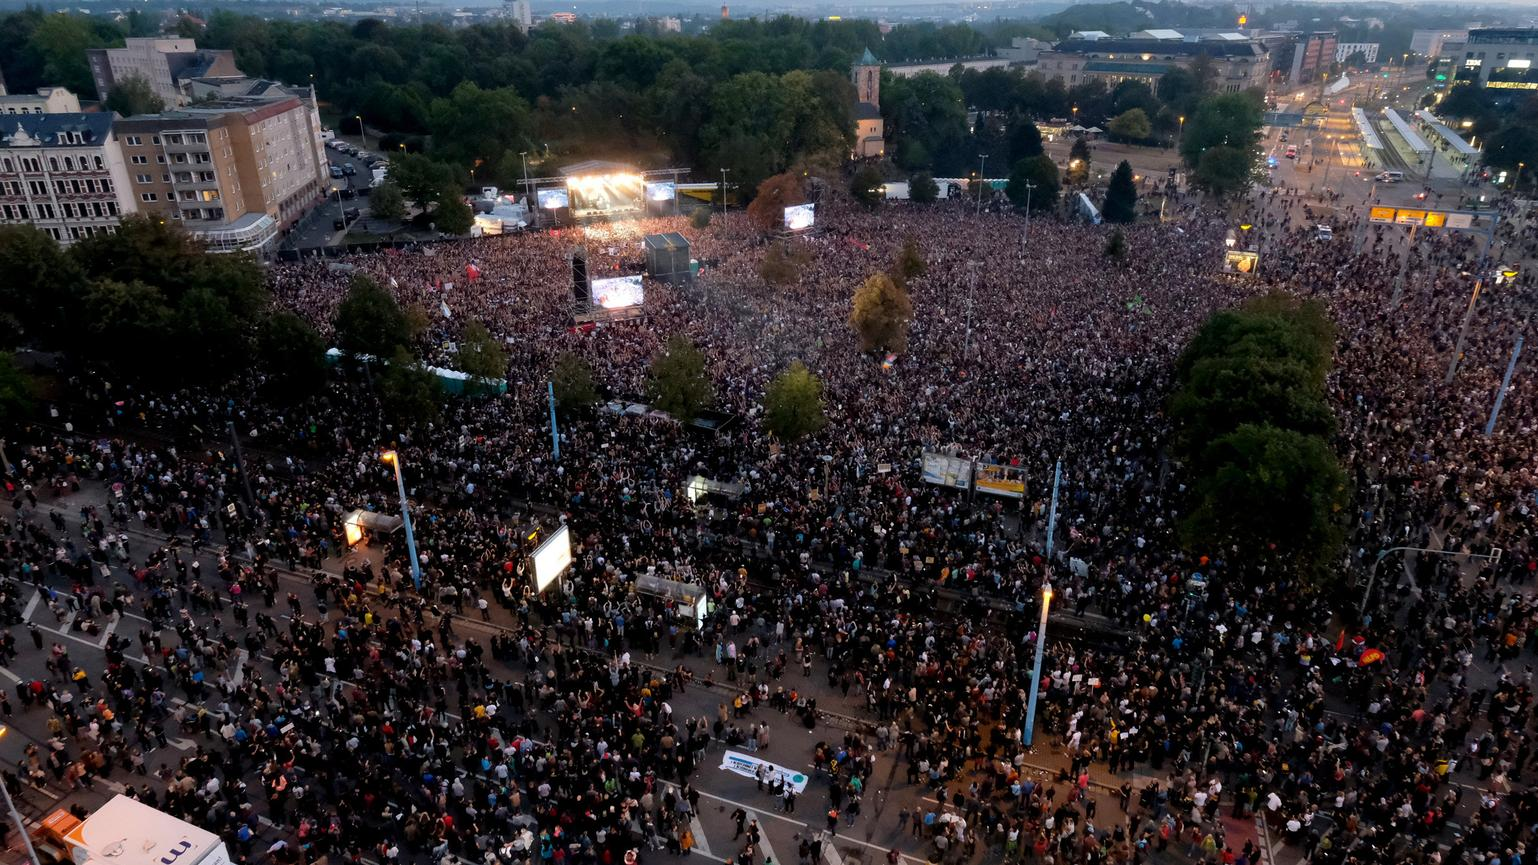 Menschenmassen beim #wirsindmehr-Konzert in Chemnitz